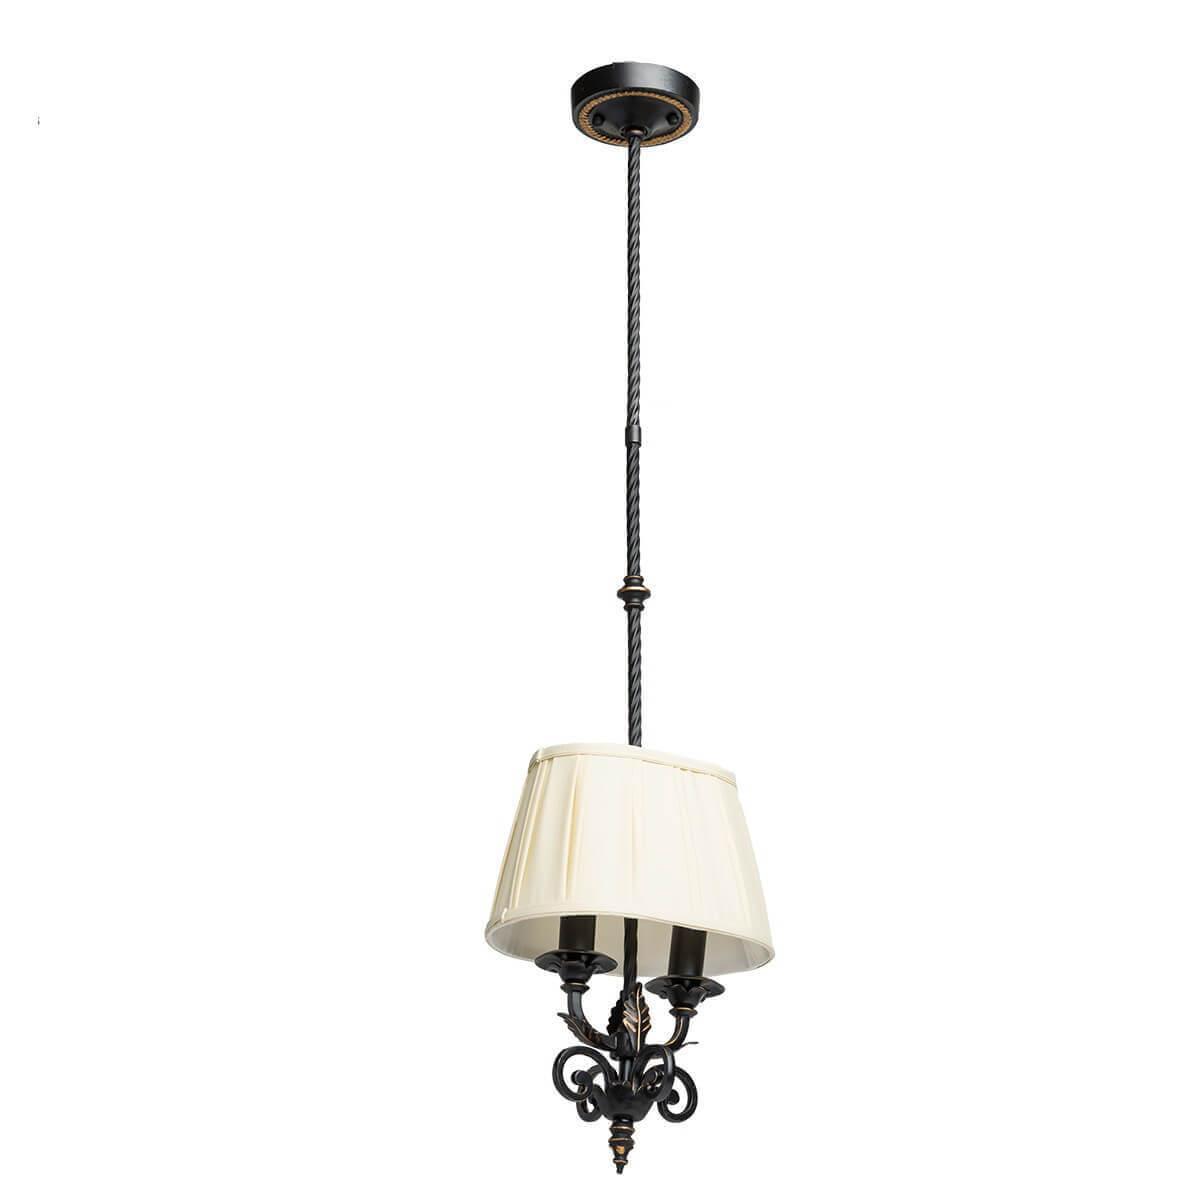 Купить Подвесной светильник Chiaro Виктория в интернет магазине дизайнерской мебели и аксессуаров для дома и дачи